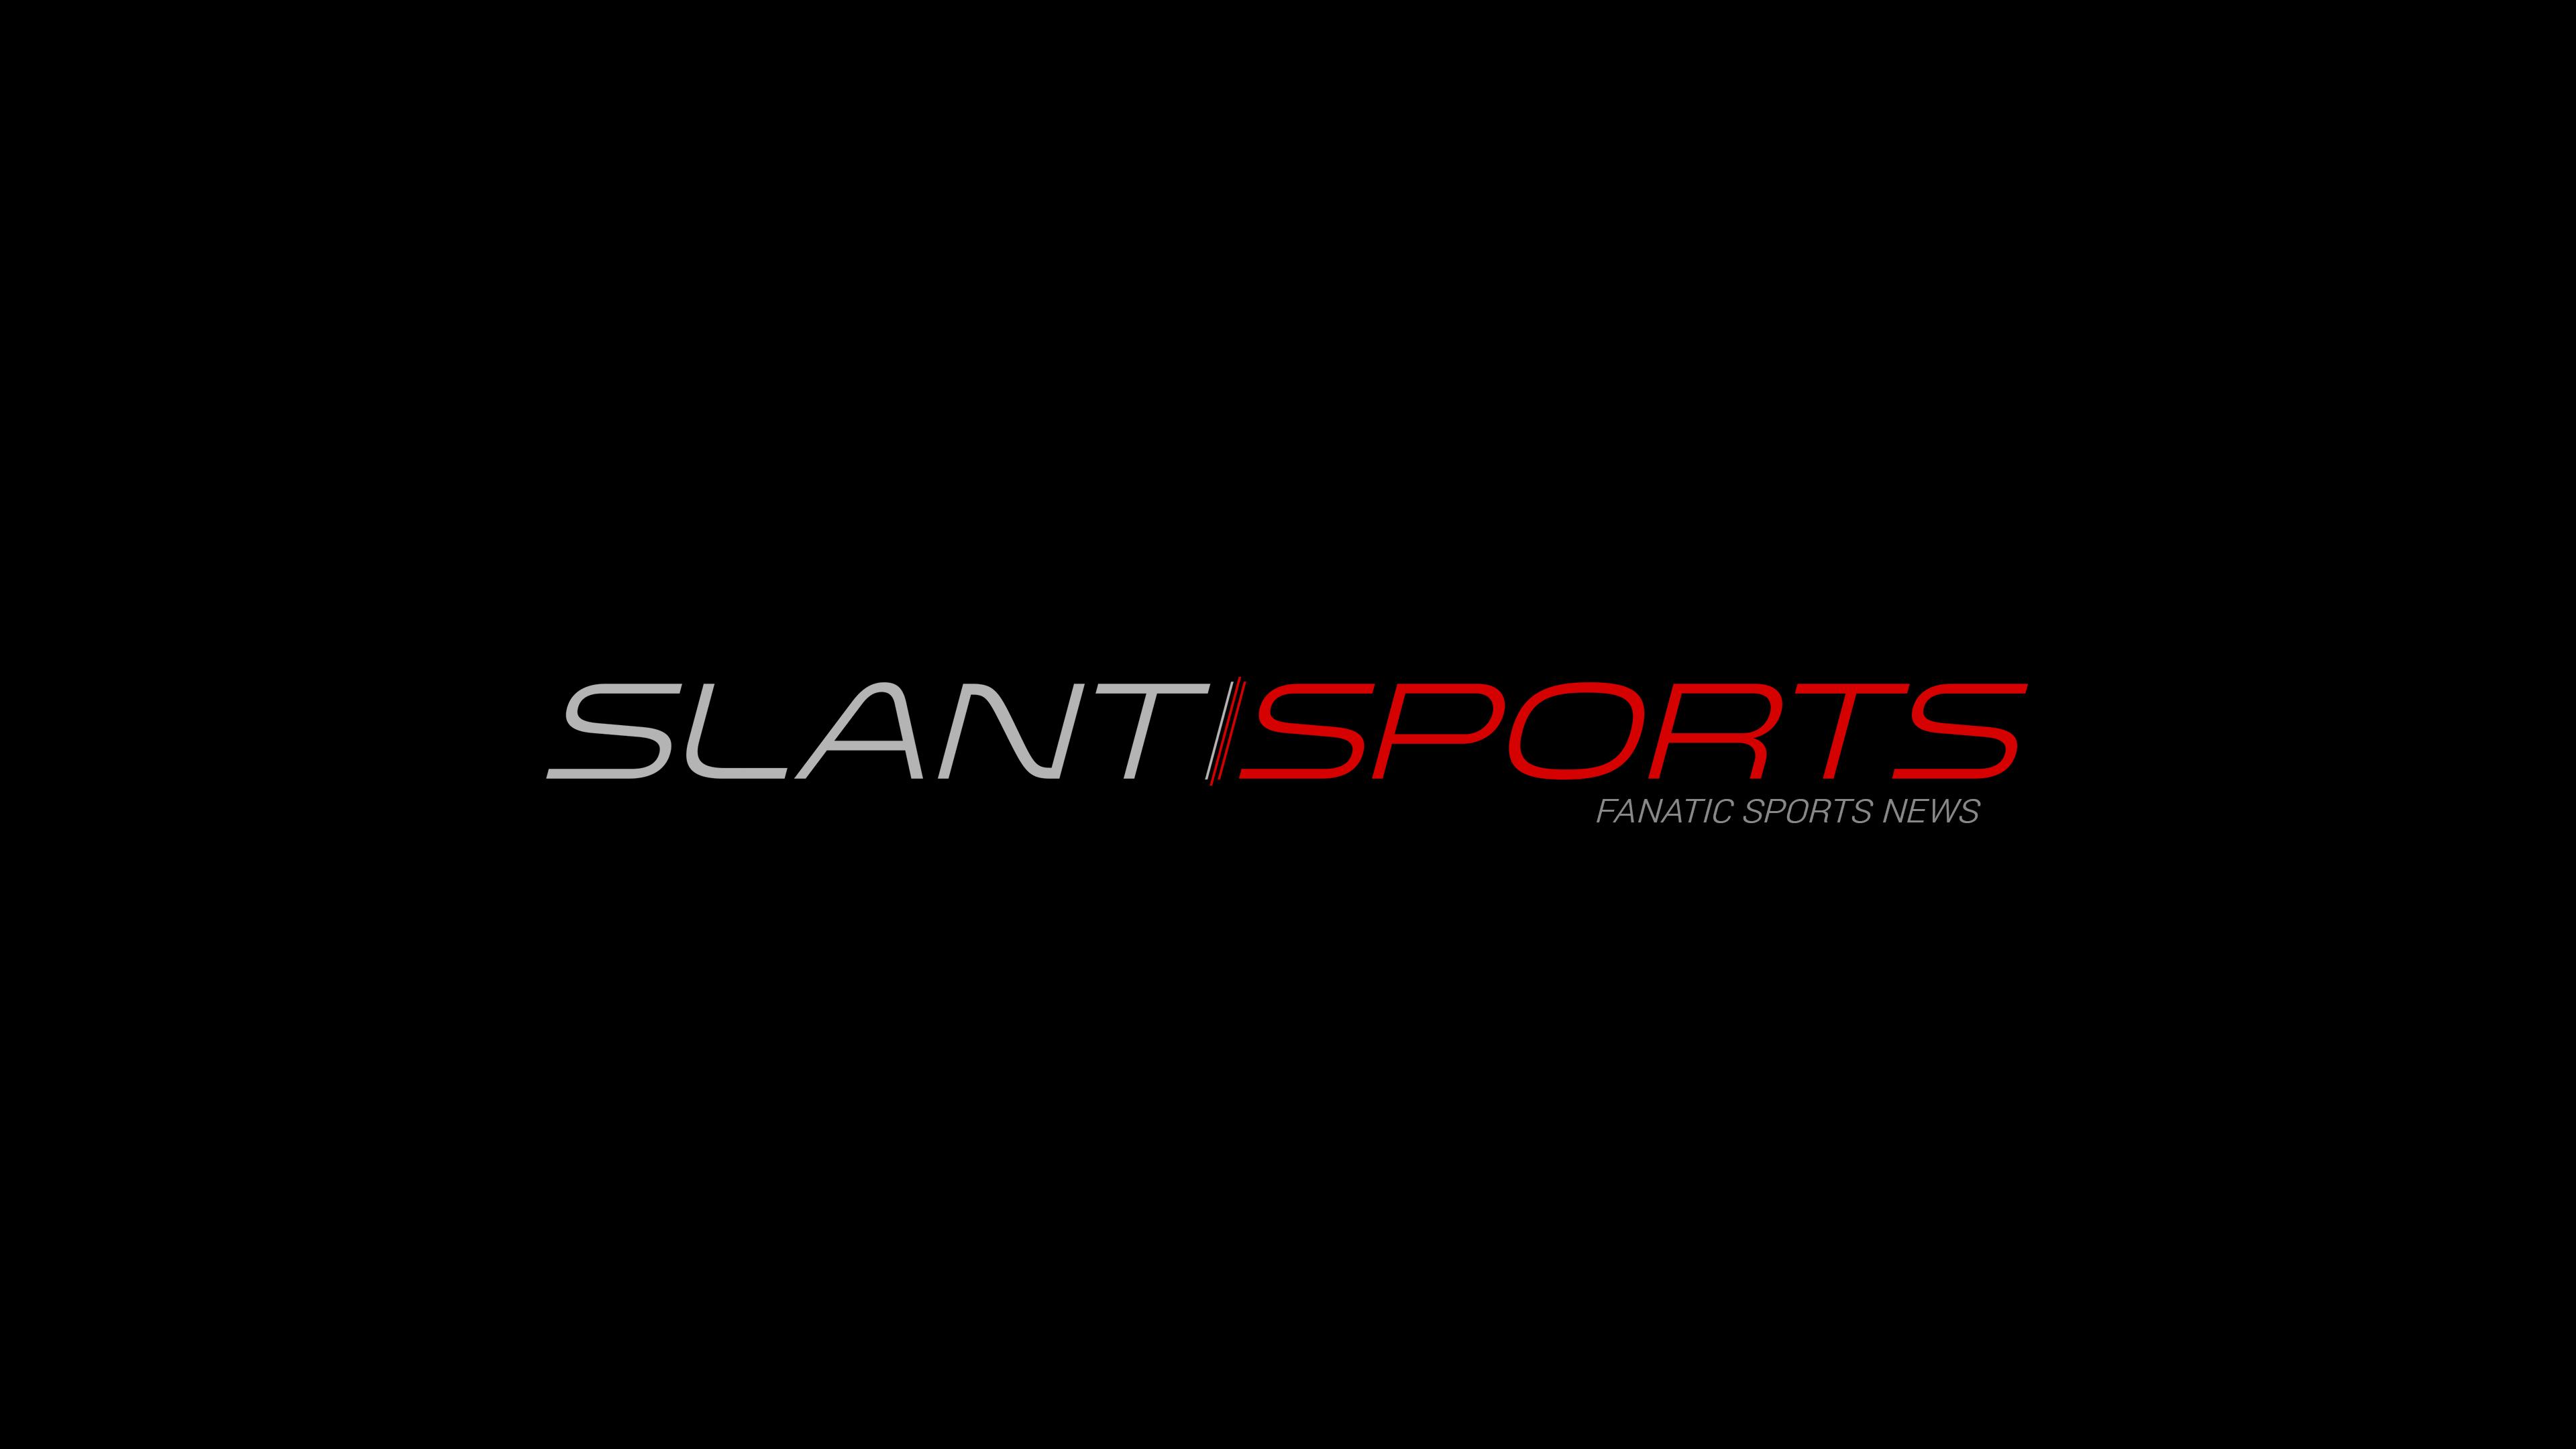 ss-logo-bg_001_a-full-ret